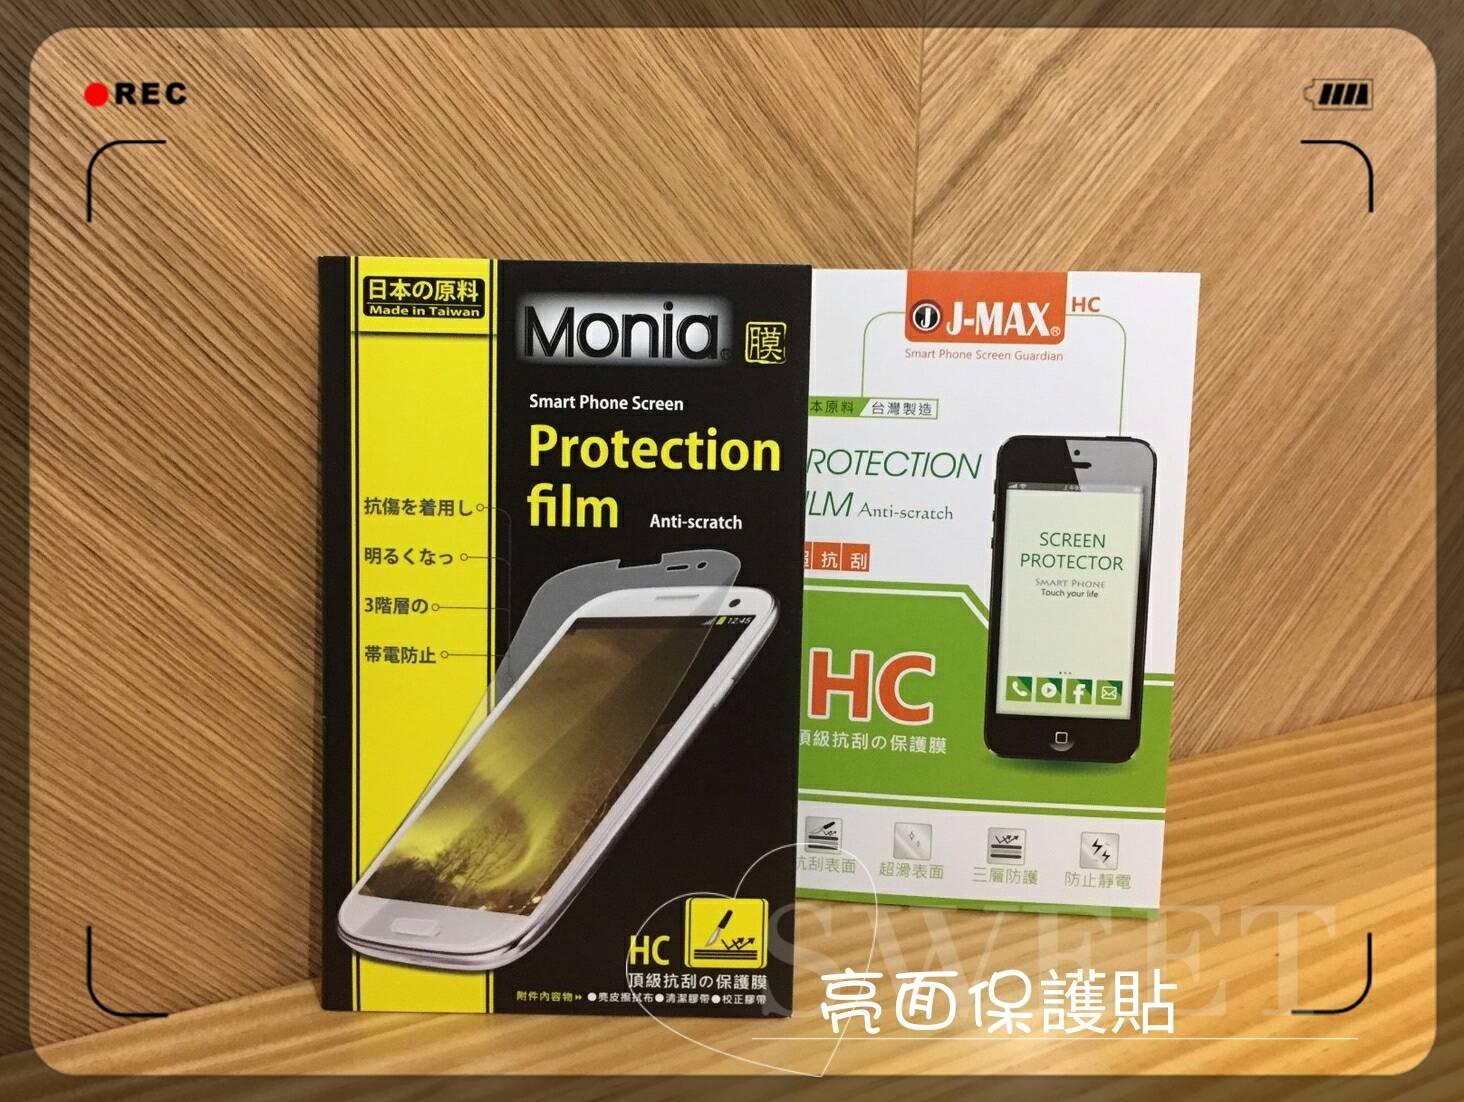 『亮面保護貼』SAMSUNG Tab S2 T715 4G版 8吋 平板保護貼 高透光 保護貼 保護膜 螢幕貼 亮面貼